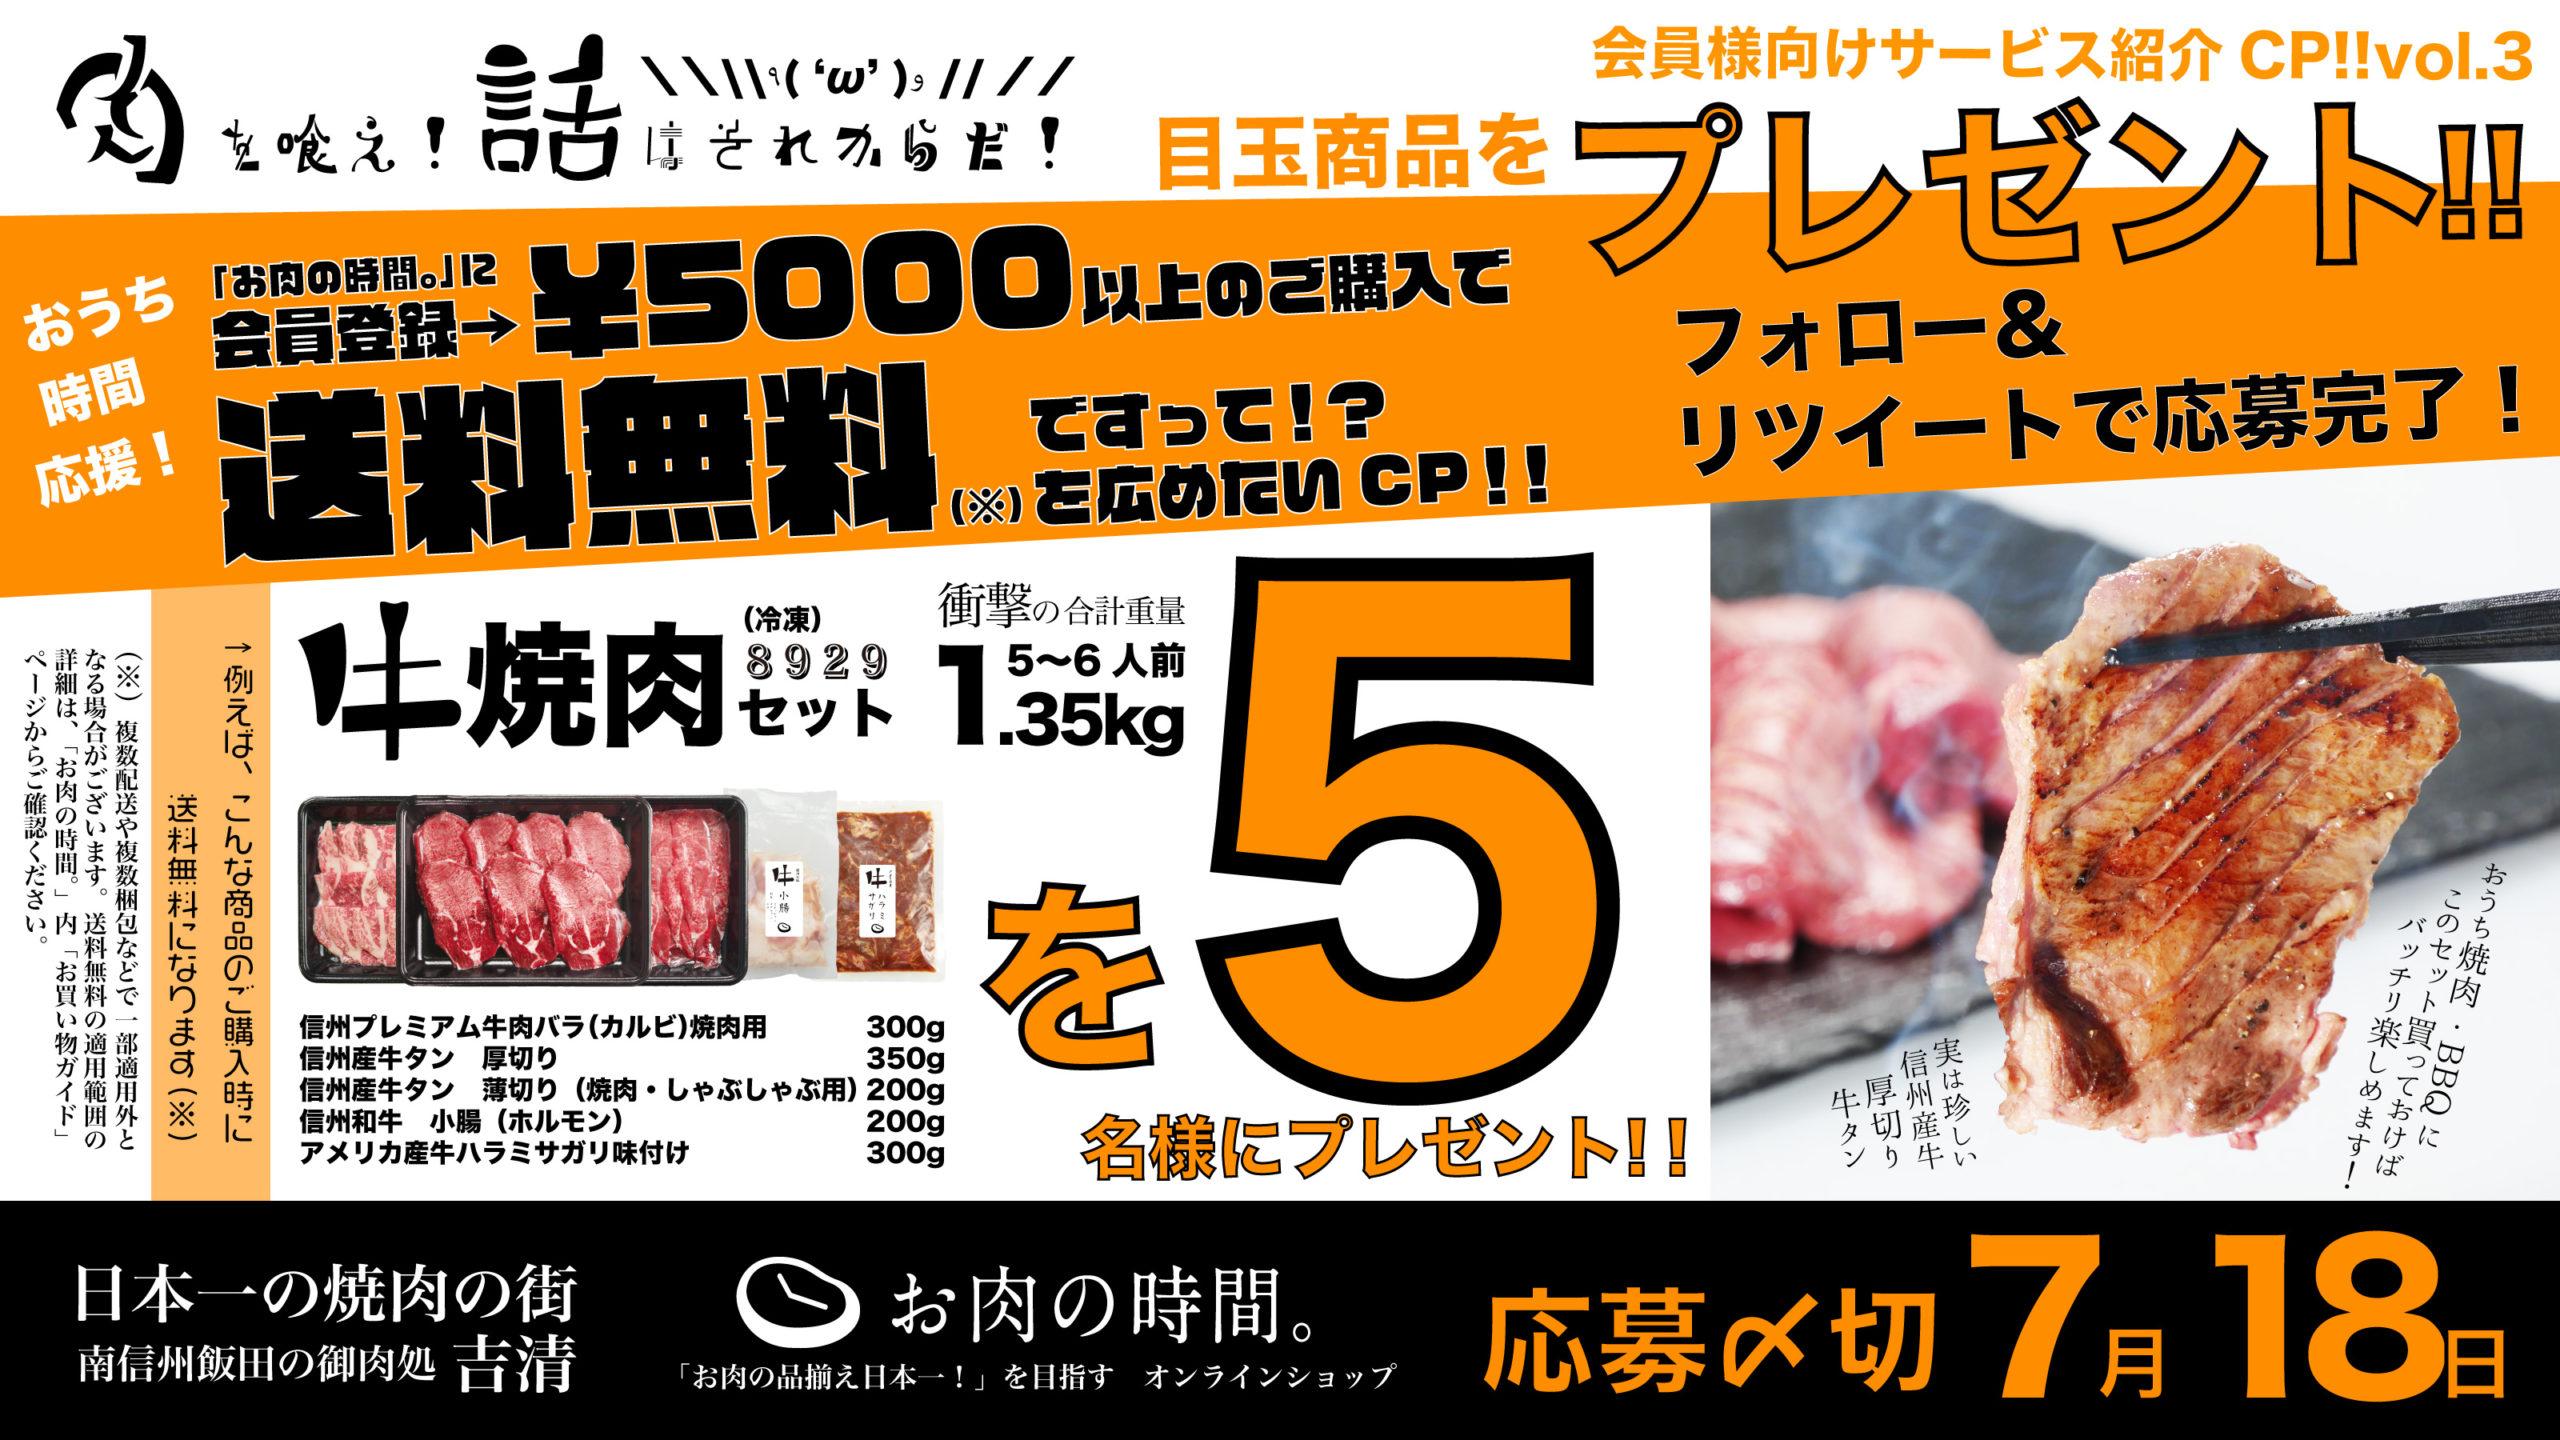 7/16正午より!会員登録→¥5000↑購入で送料無料ですって!?を広めたいCP!vol.3